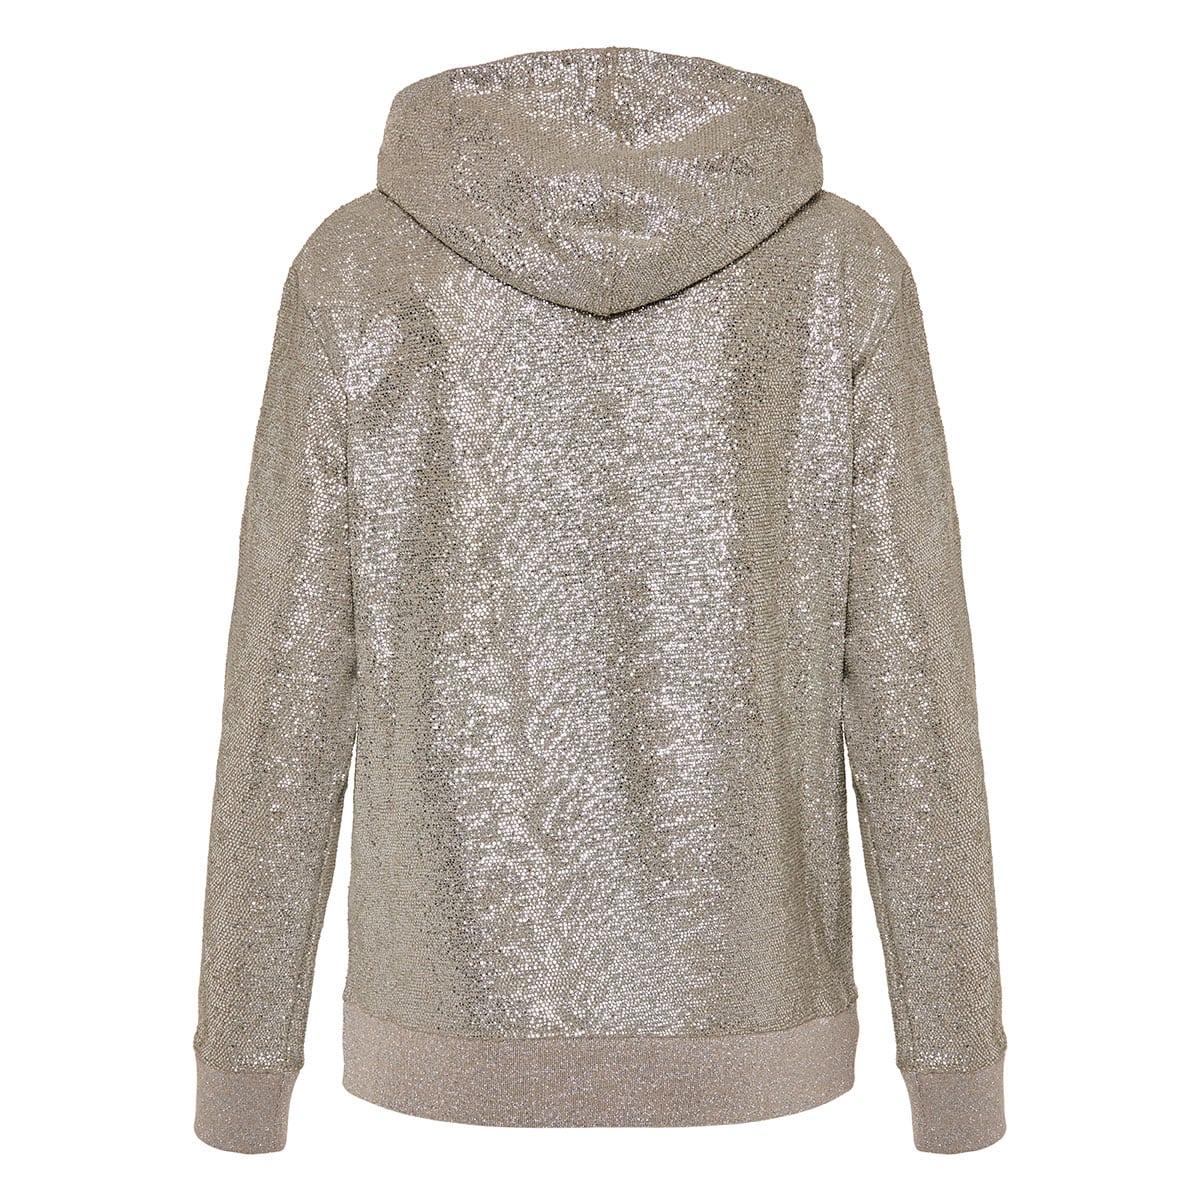 Crystal embellished hoodie